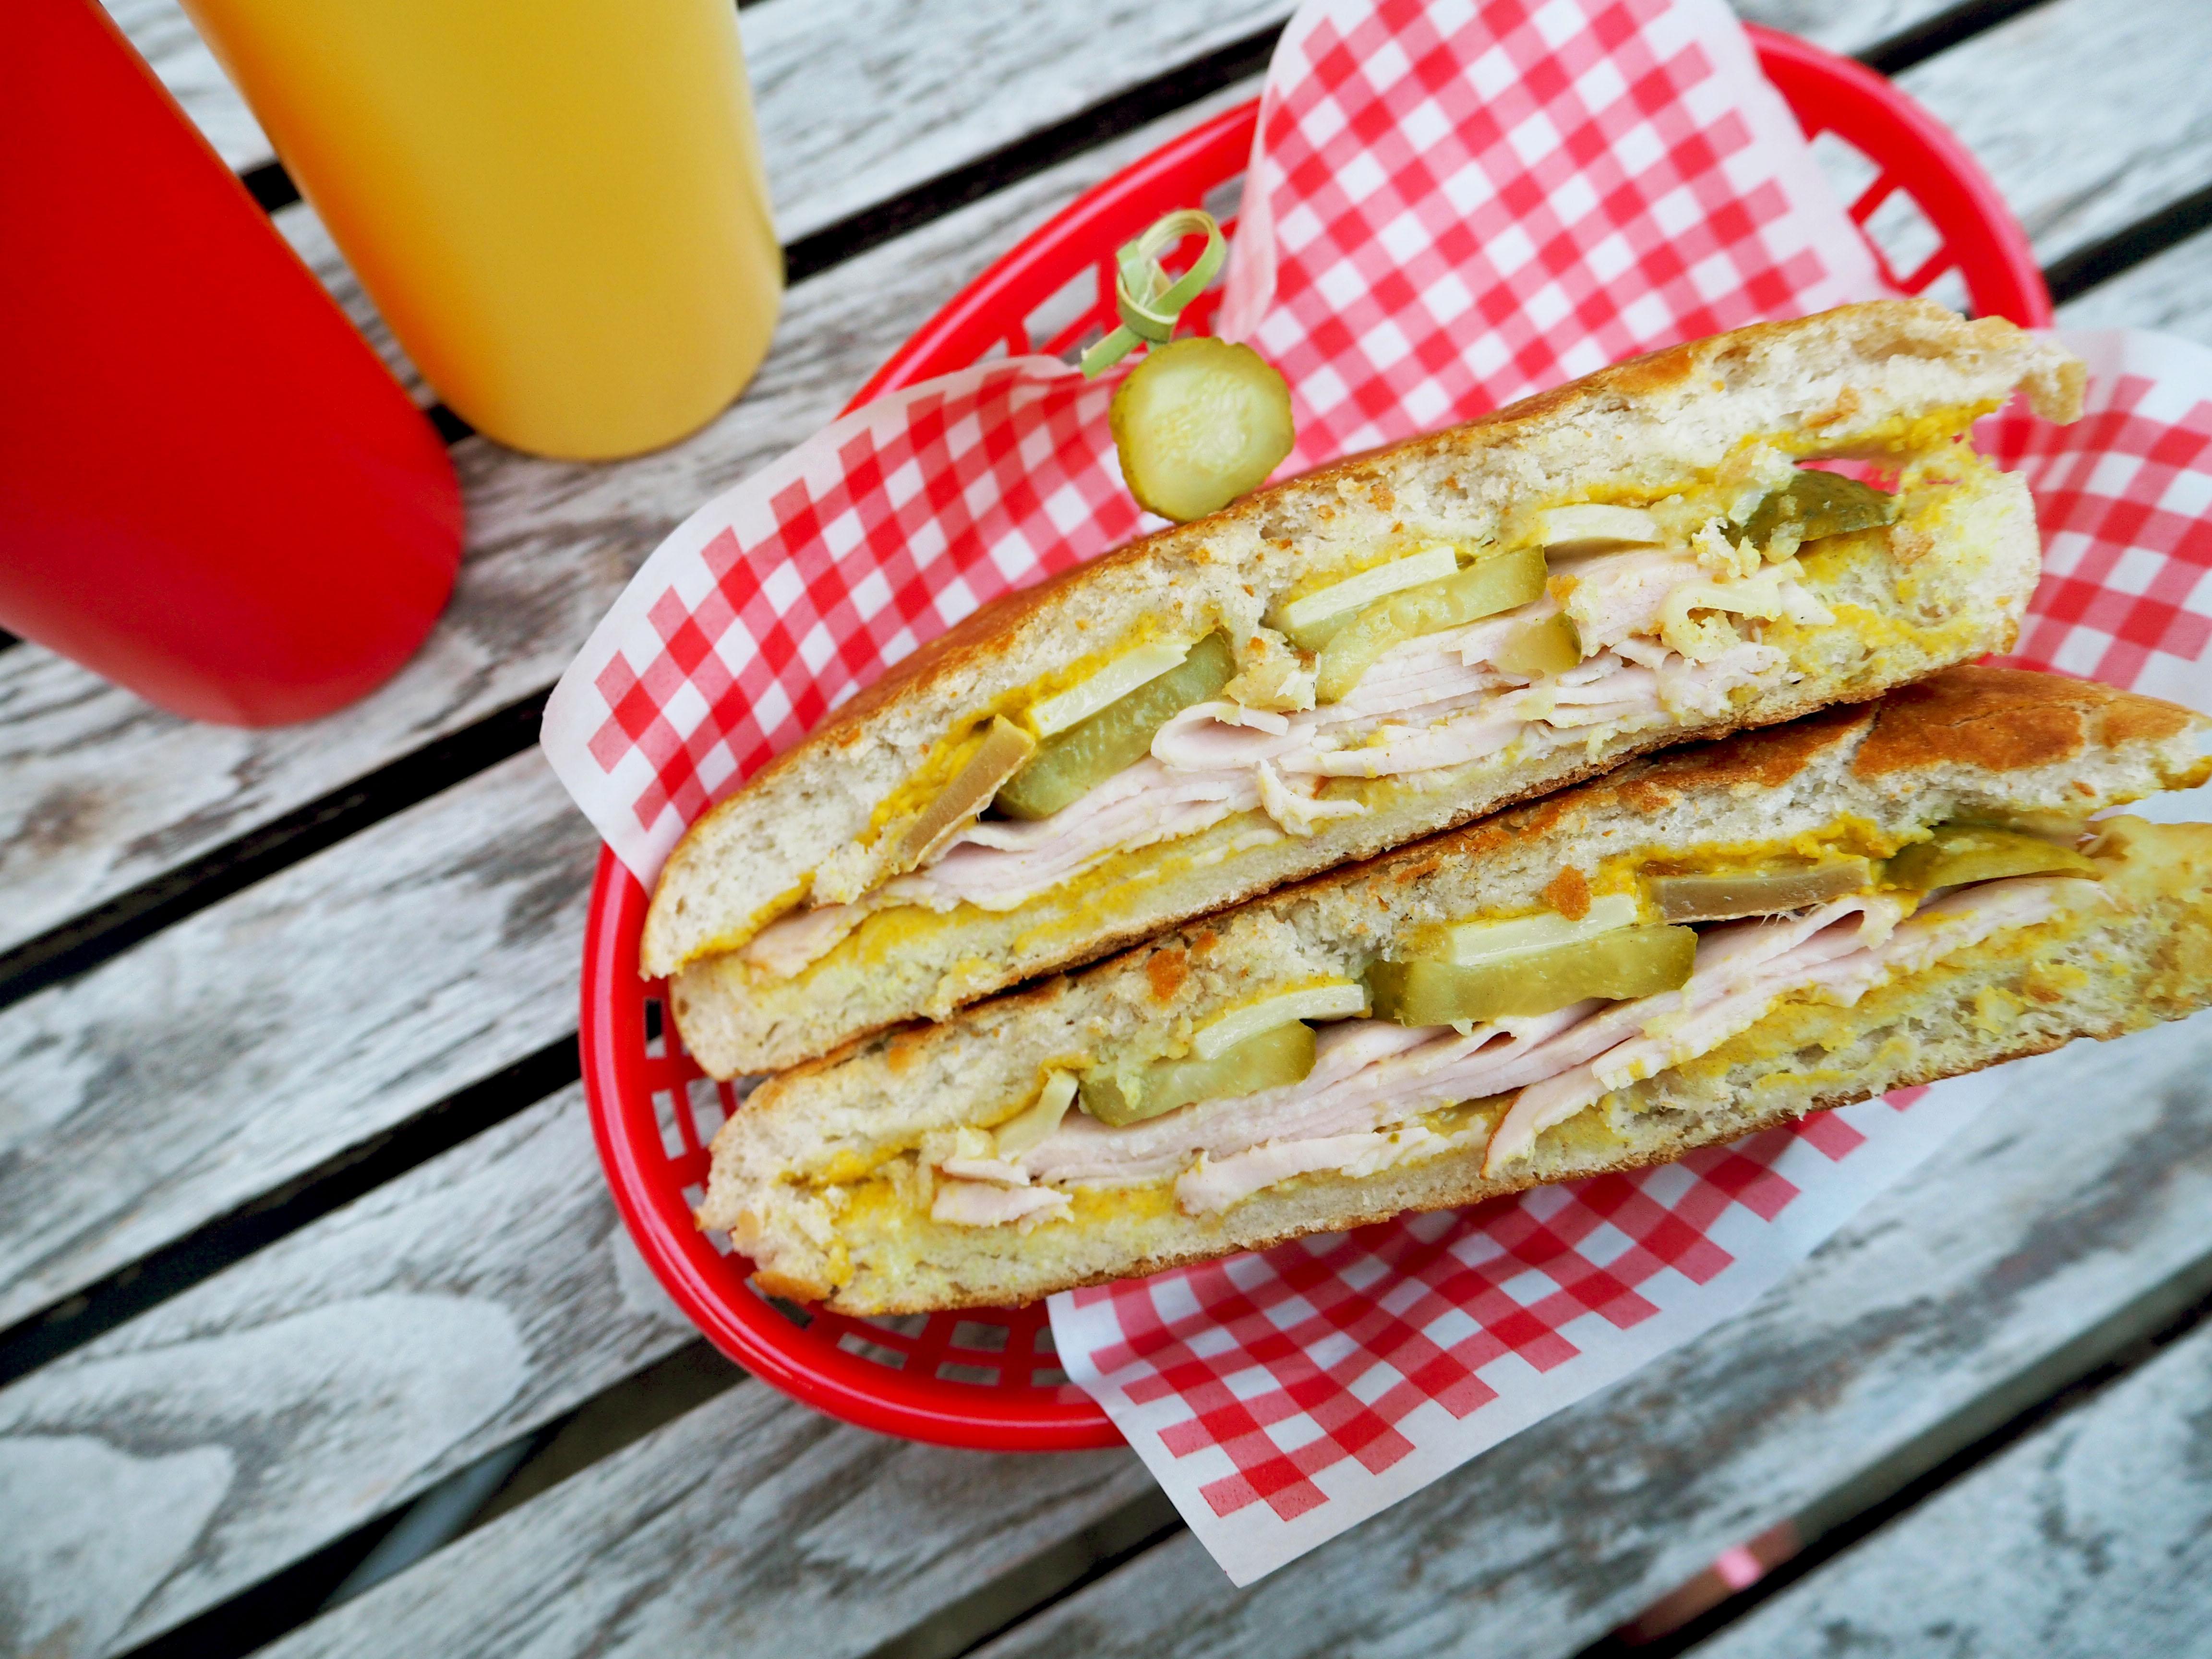 cuban sandwich met kalkoen en kaas